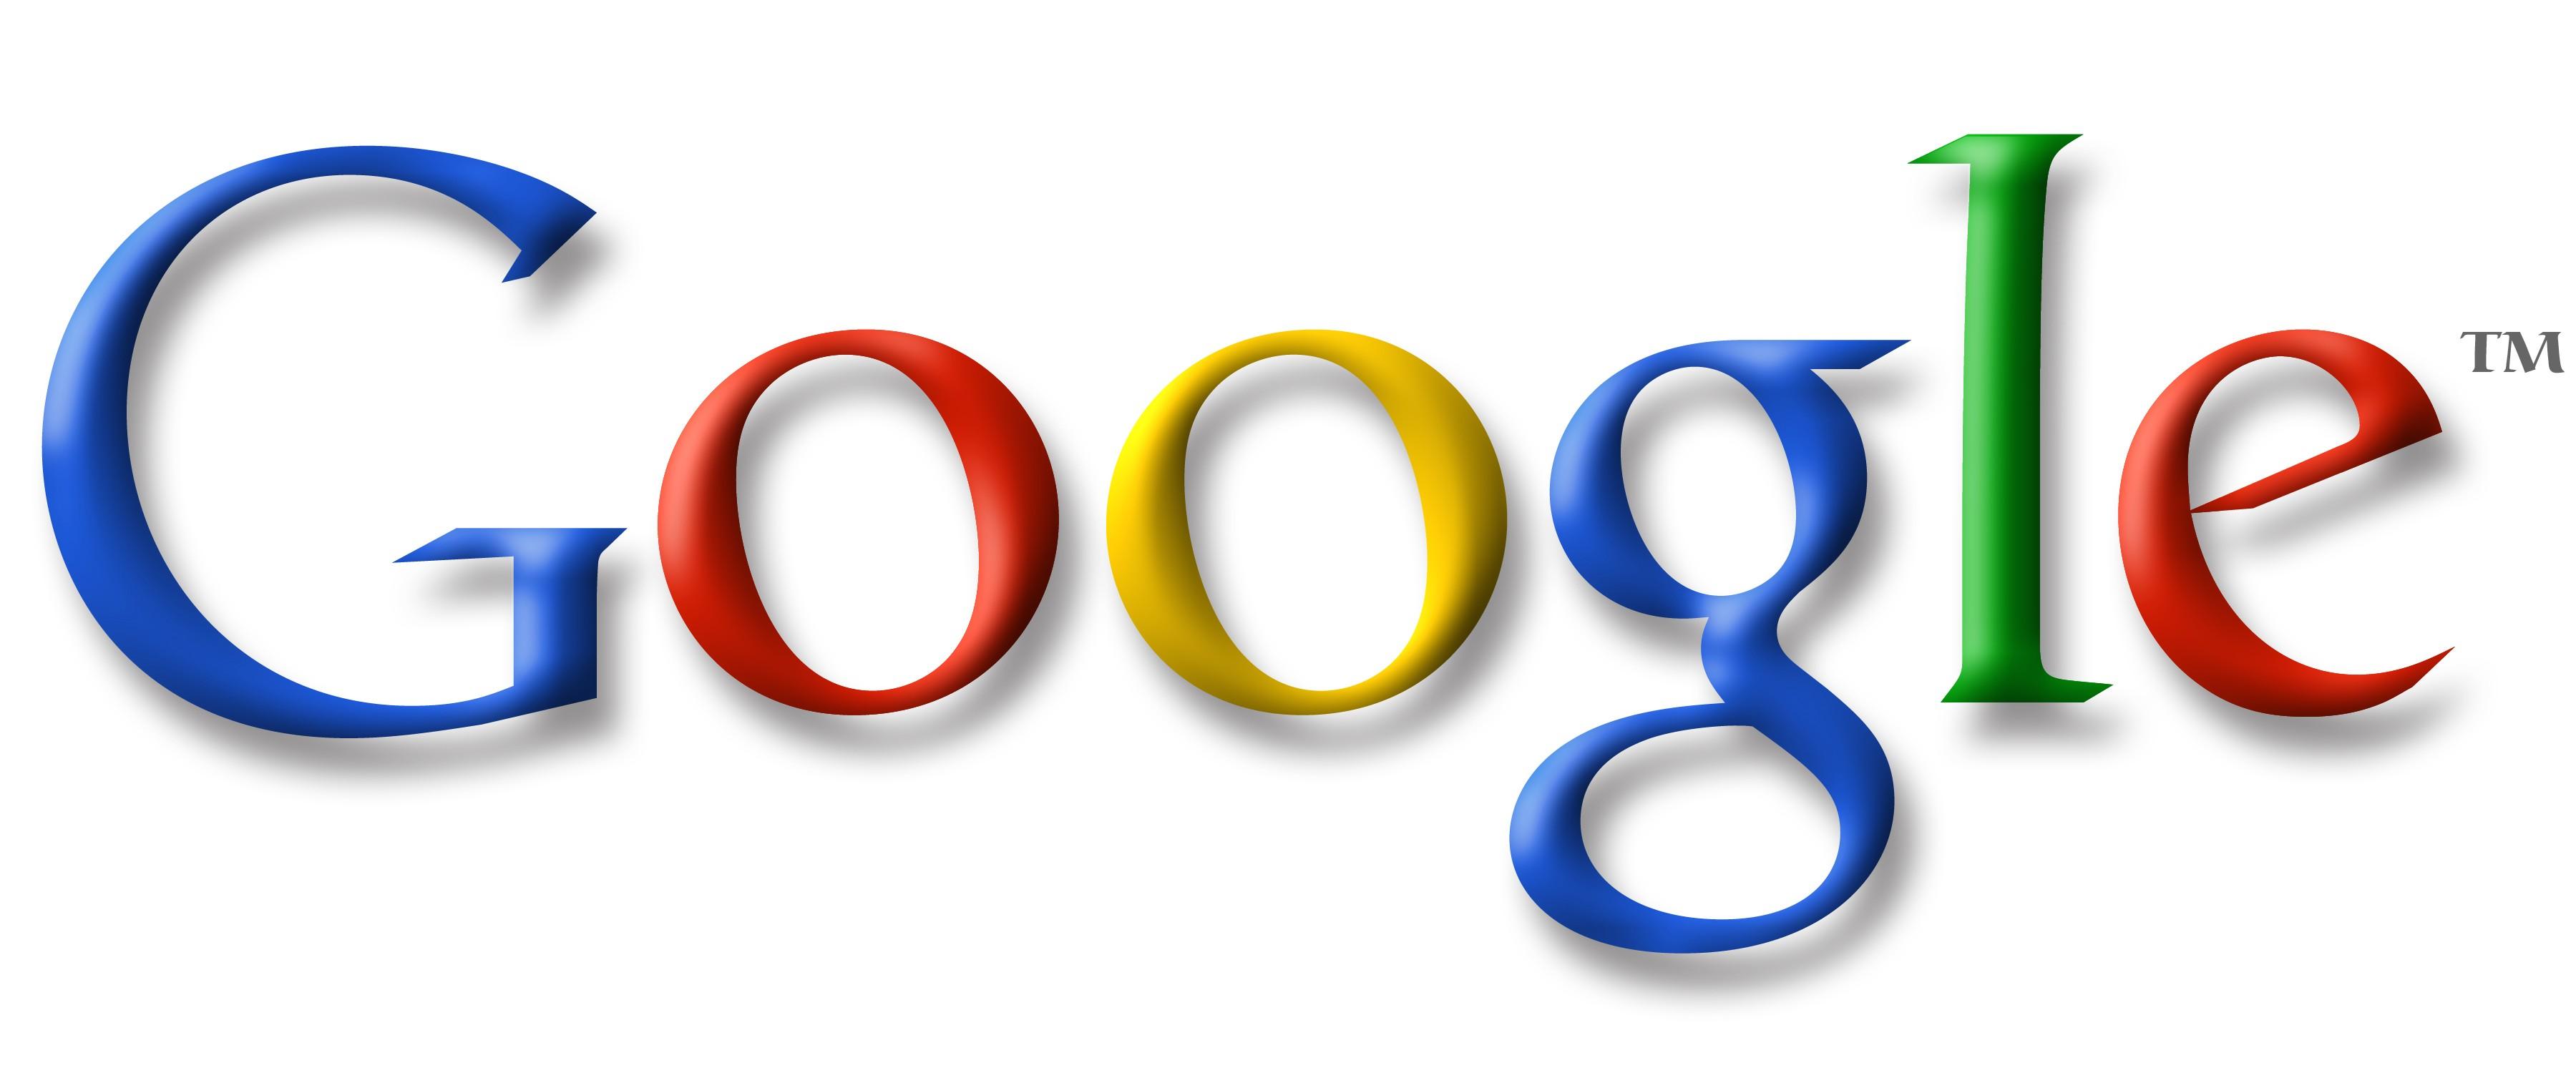 http://www.hotmobile.org/2008/uploads/images/google_logo.jpg